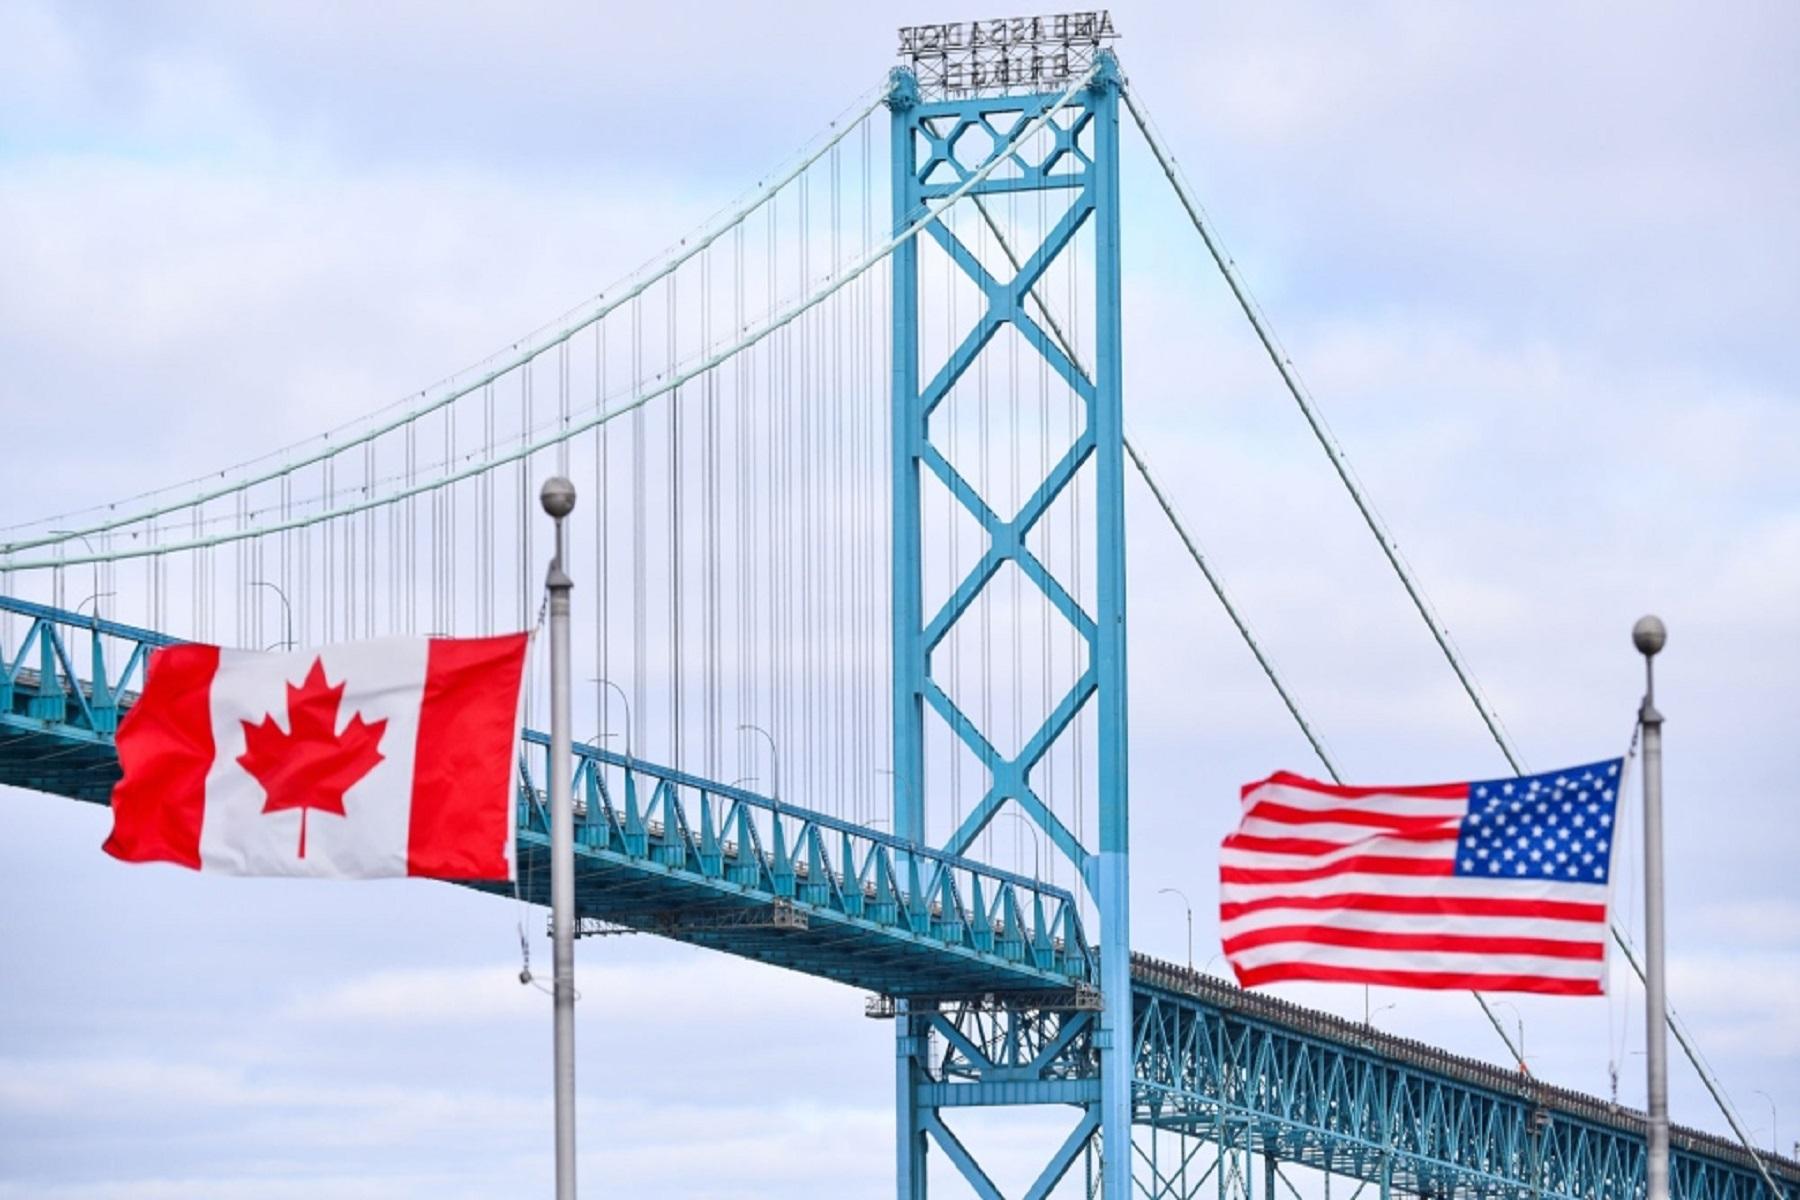 Έρευνα Κορωνοϊός: Θα παραμένουν κλειστά τα σύνορα Καναδά – ΗΠΑ και για πόσο περισσότερο;